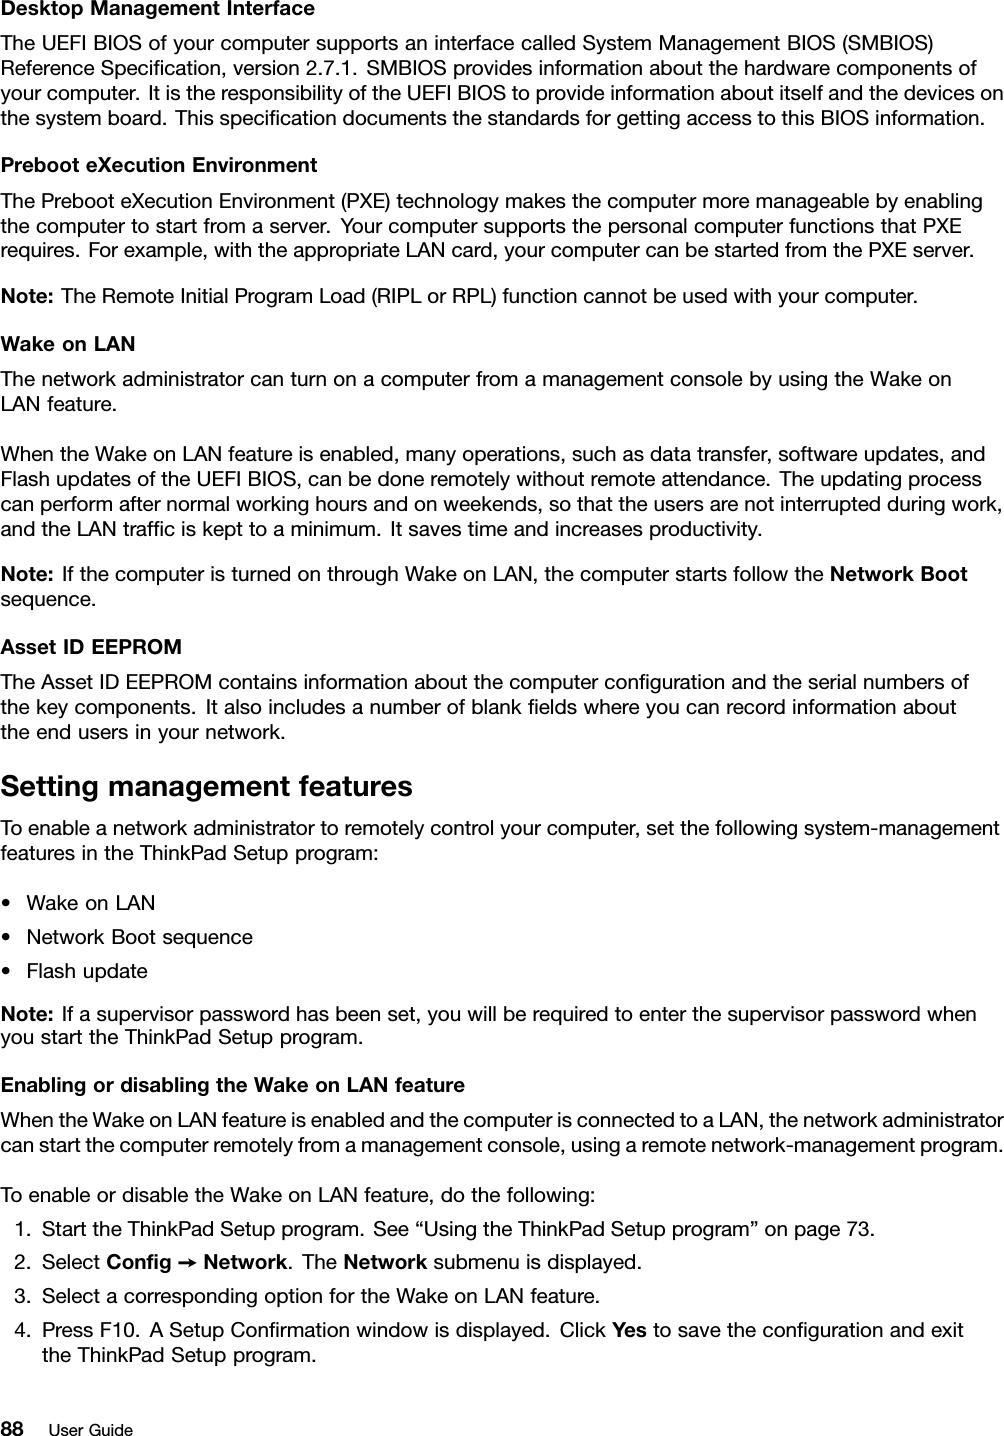 Lenovo T450 Ug En (English) User Guide ThinkPad Laptop (ThinkPad